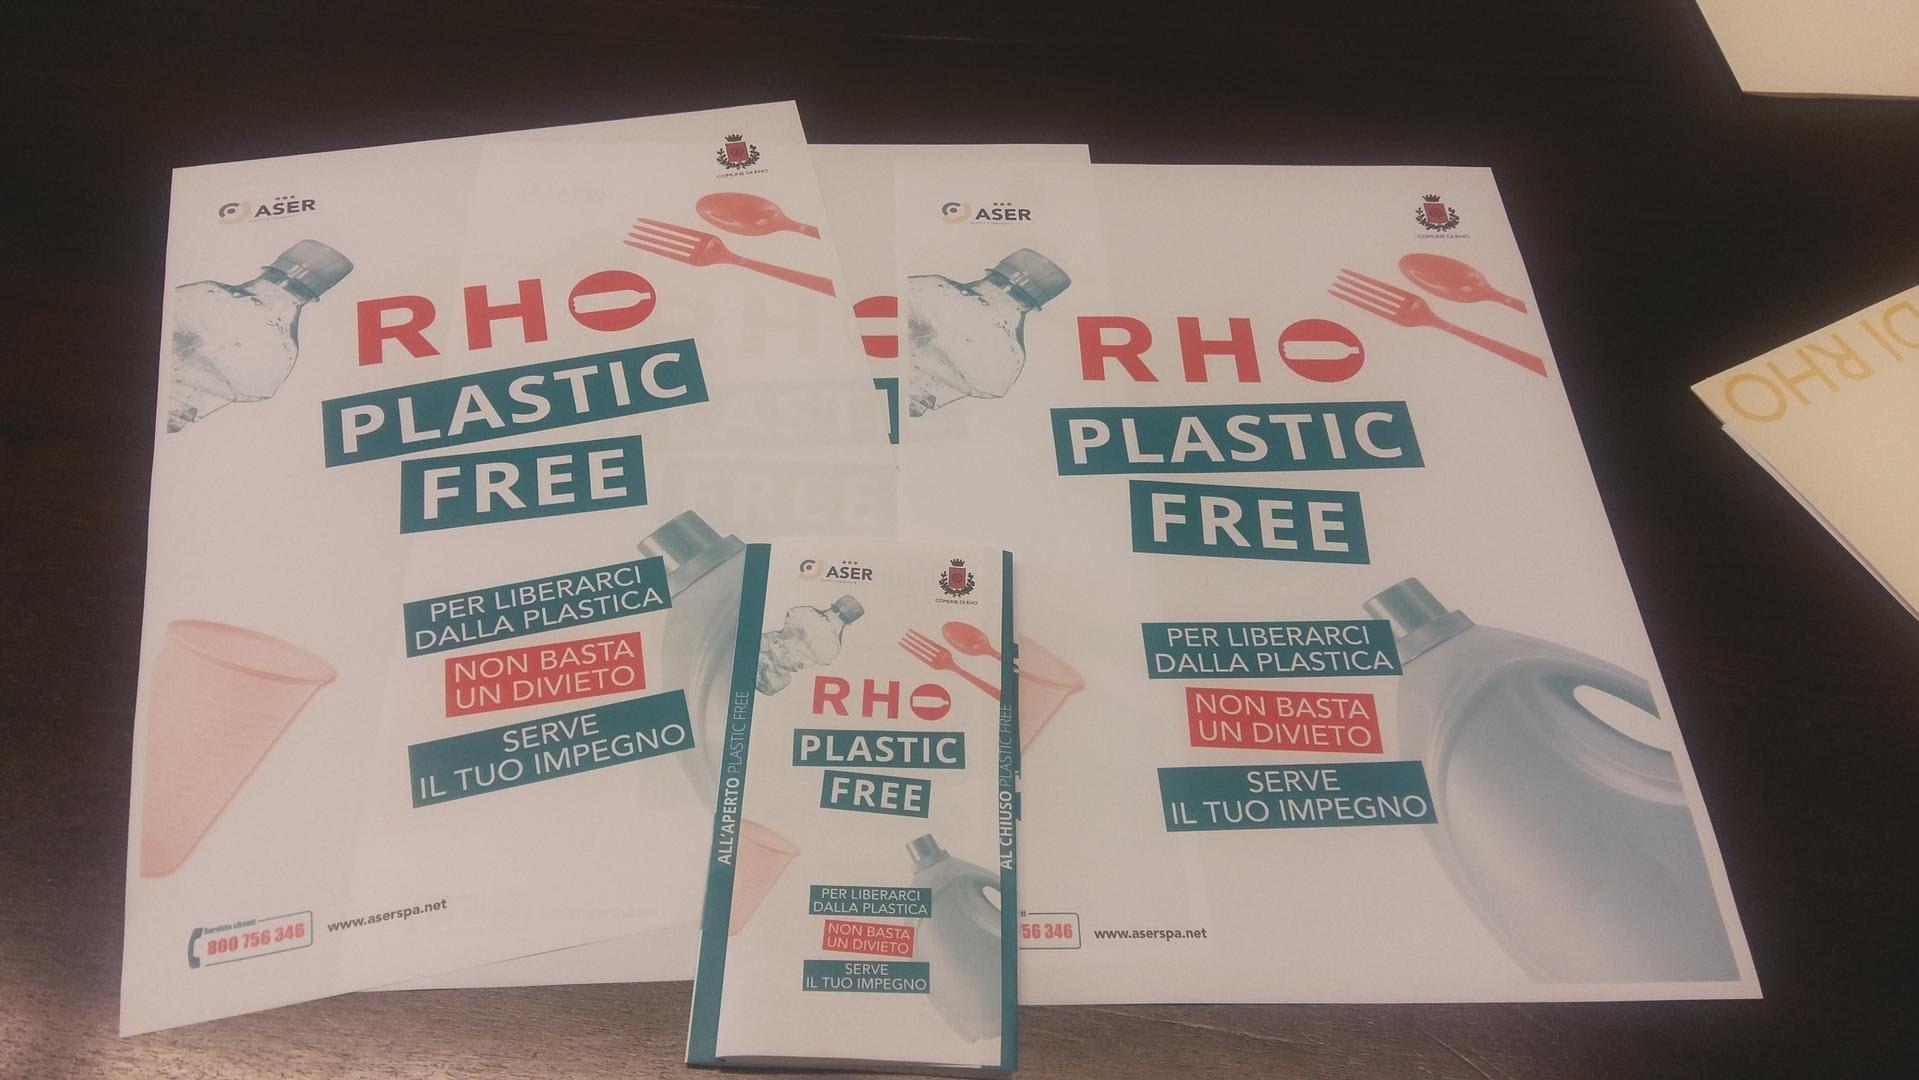 Rho Plastic-free